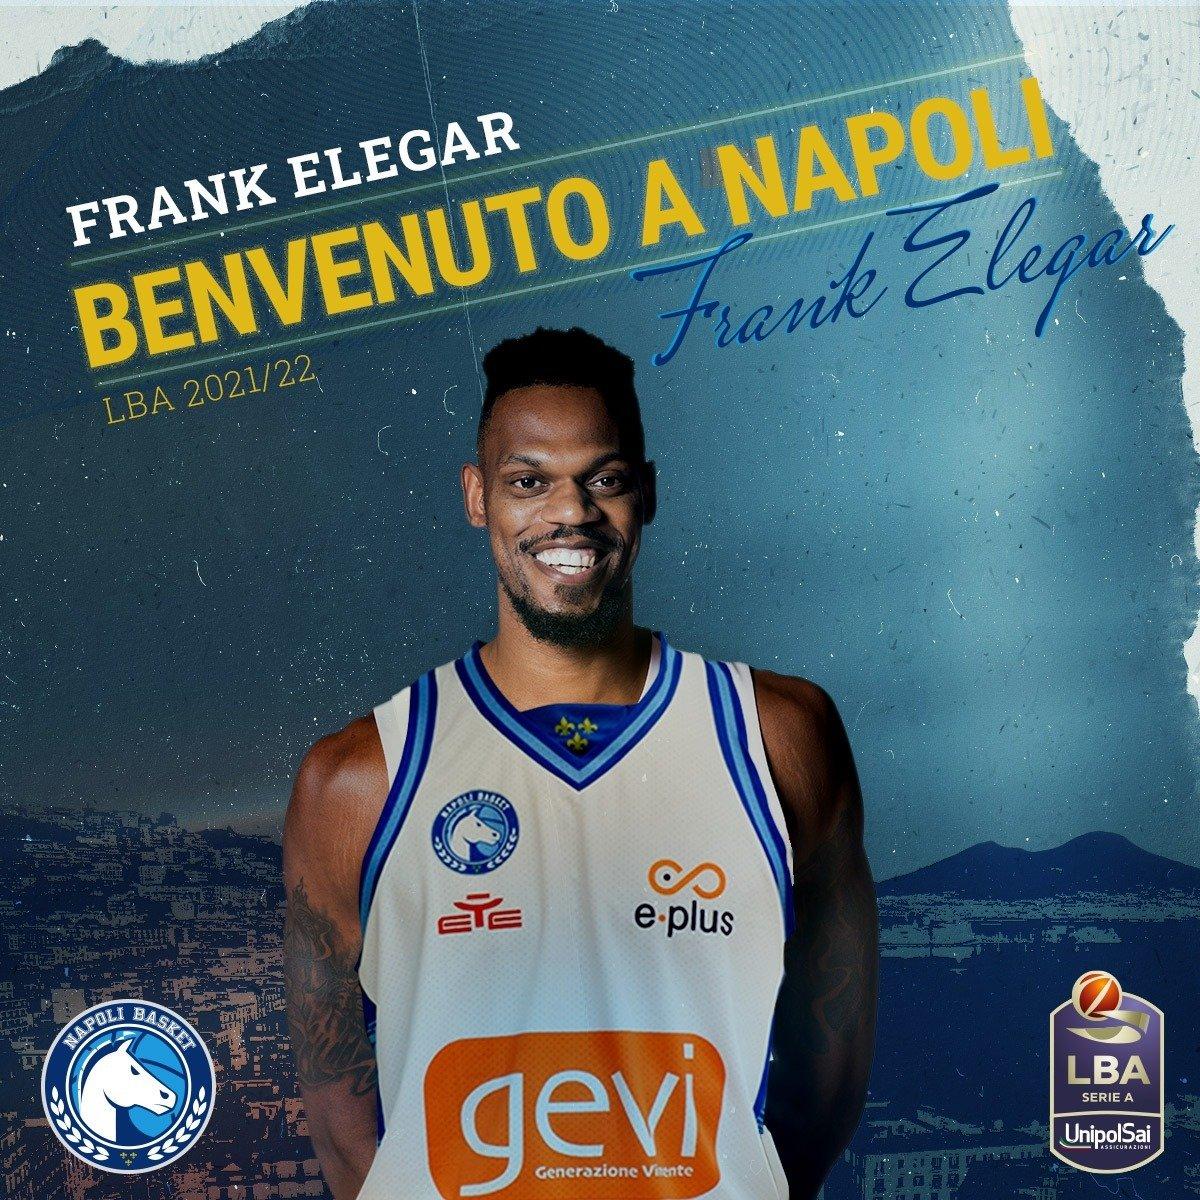 GeVi, ecco il tuo big man: firmato Frank Elegar